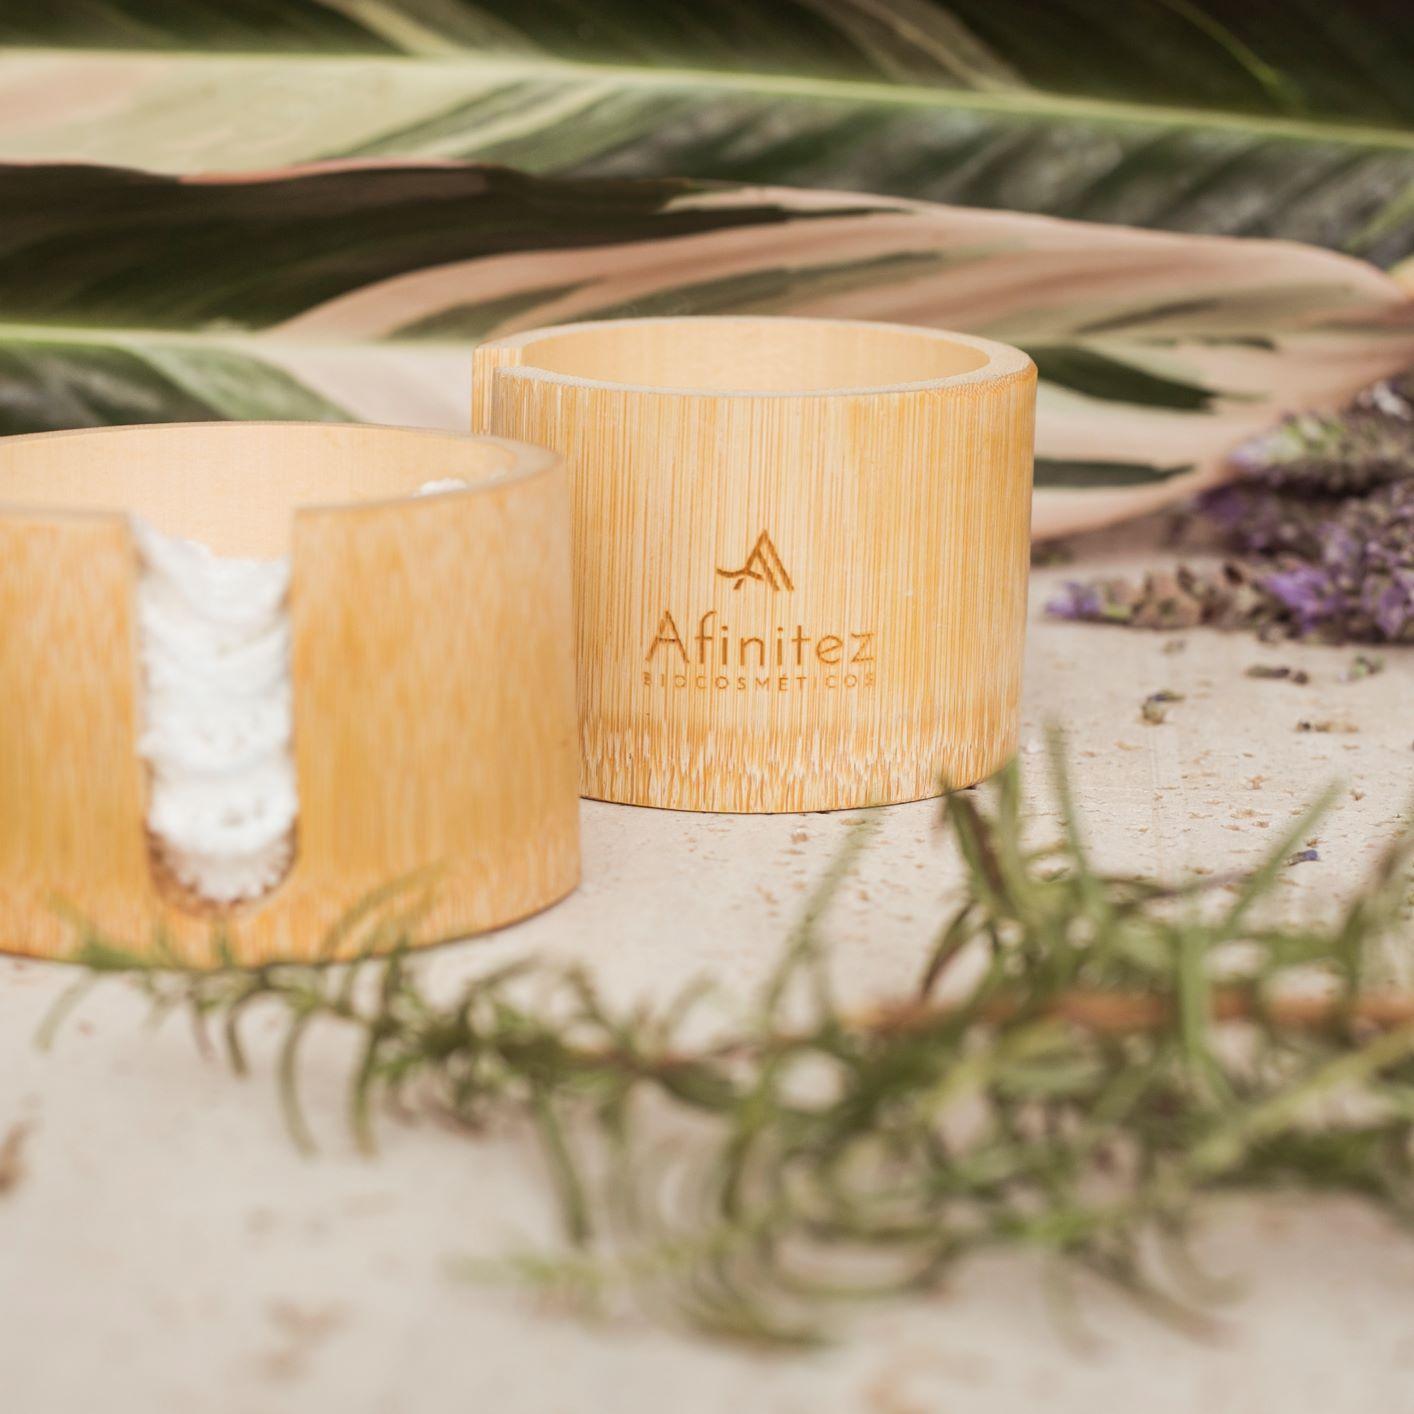 Kit Bambu + Toalhinhas de Algodão